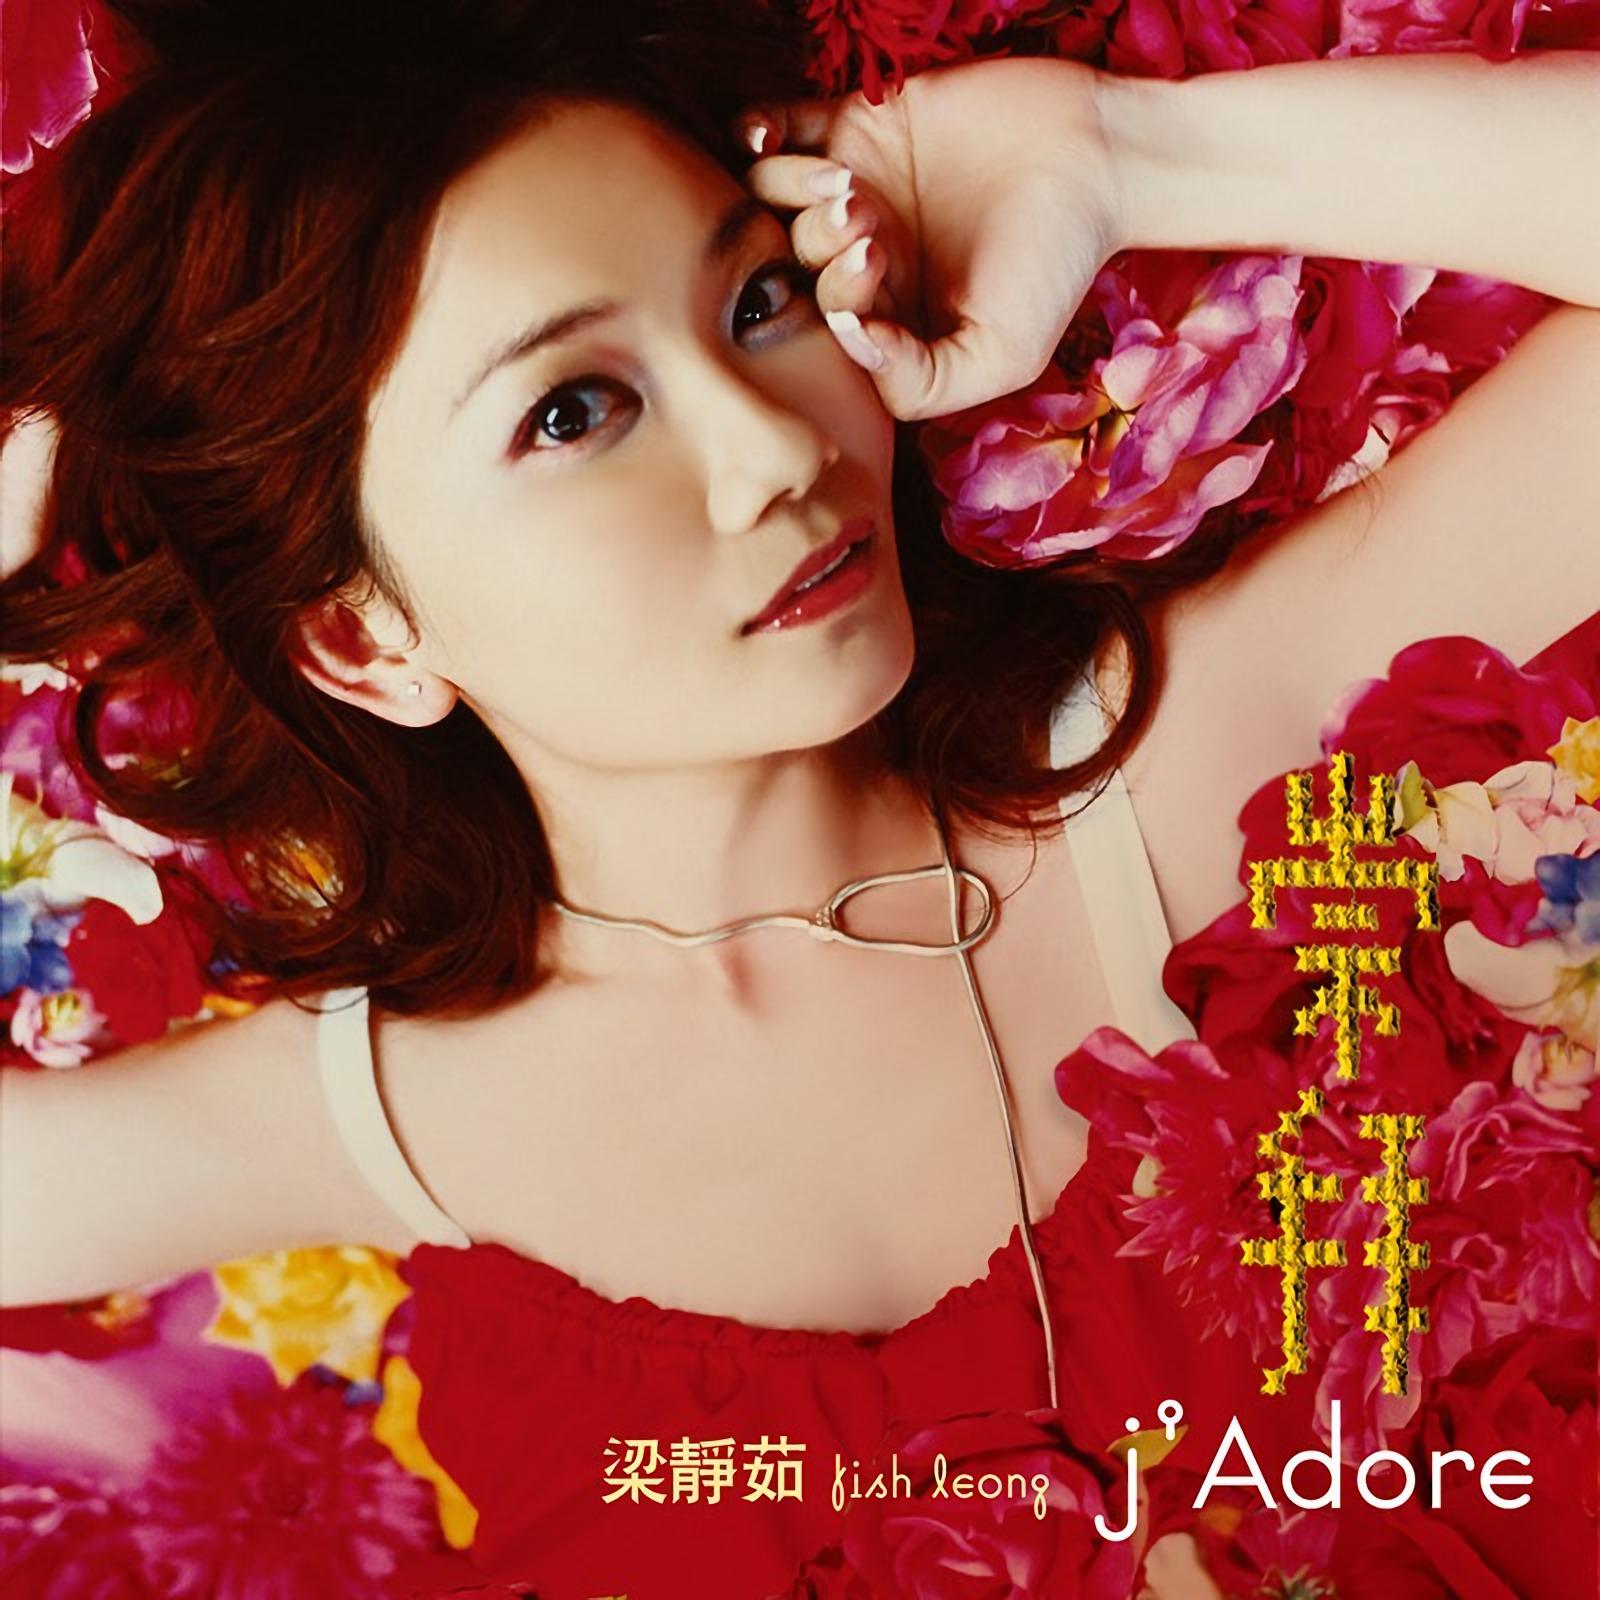 正版预售 梁静茹专辑《j'Adore 崇拜》枫叶红 CD+歌词本 2019再版